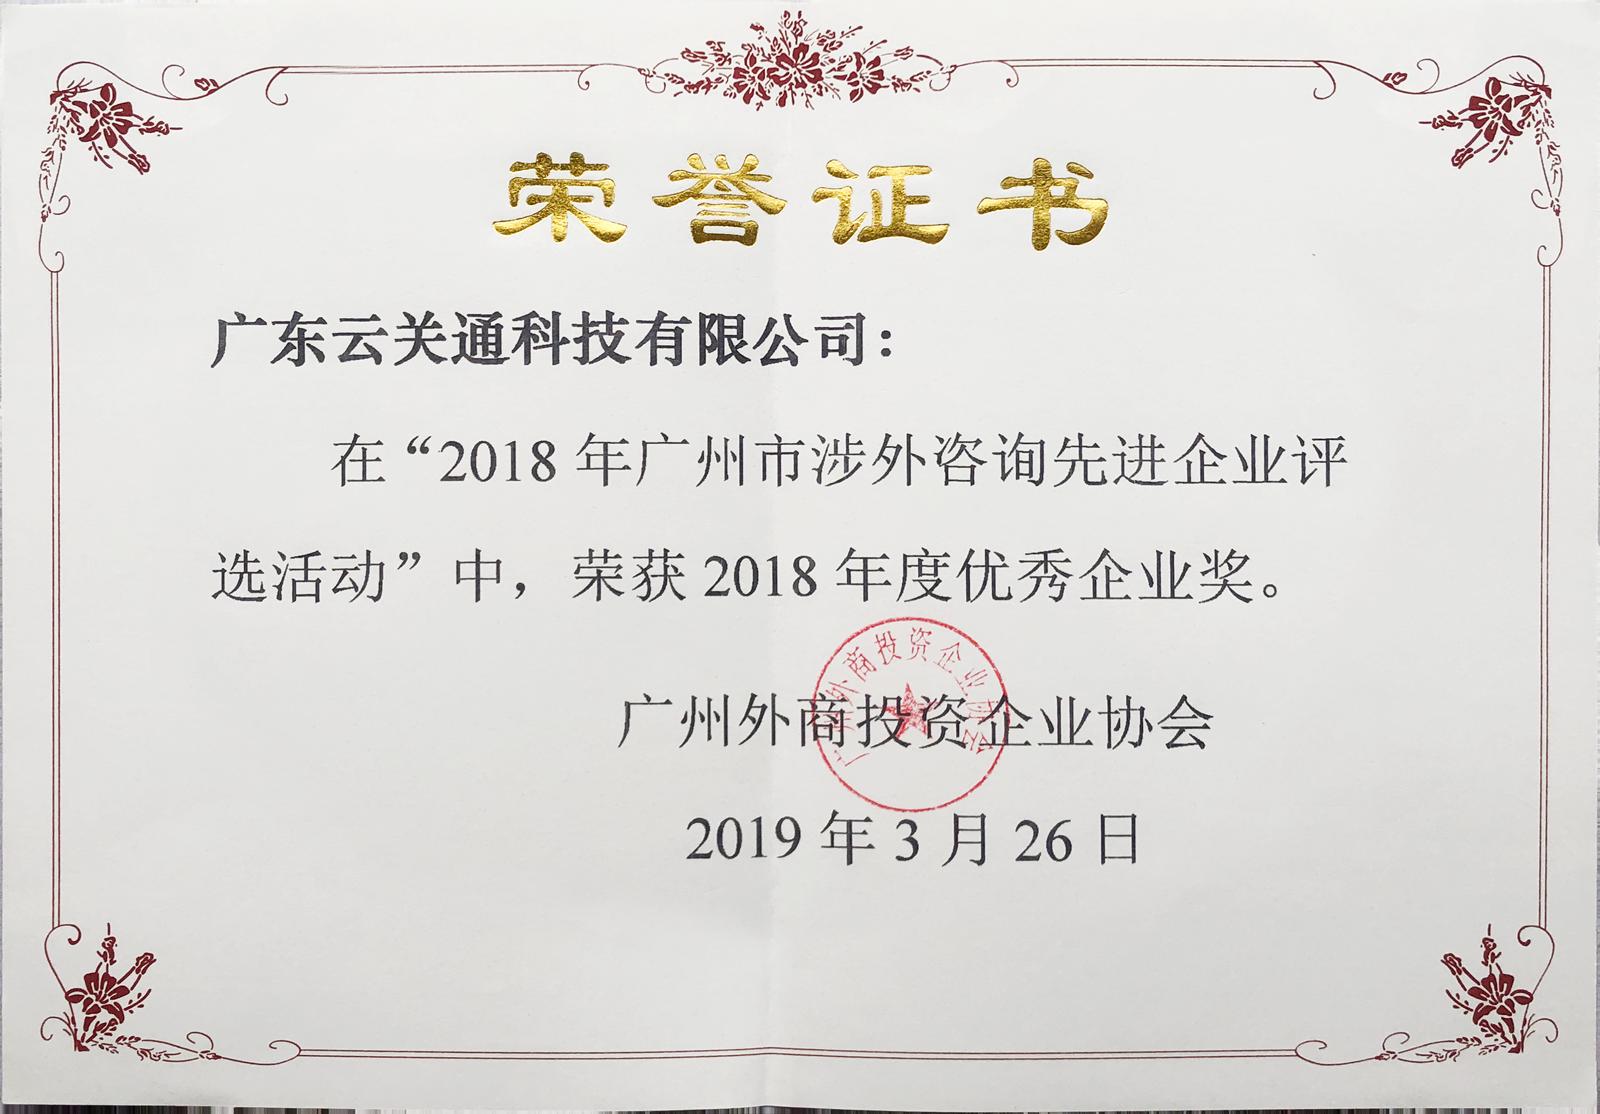 云关通荣获2018年涉外咨询优秀企业奖